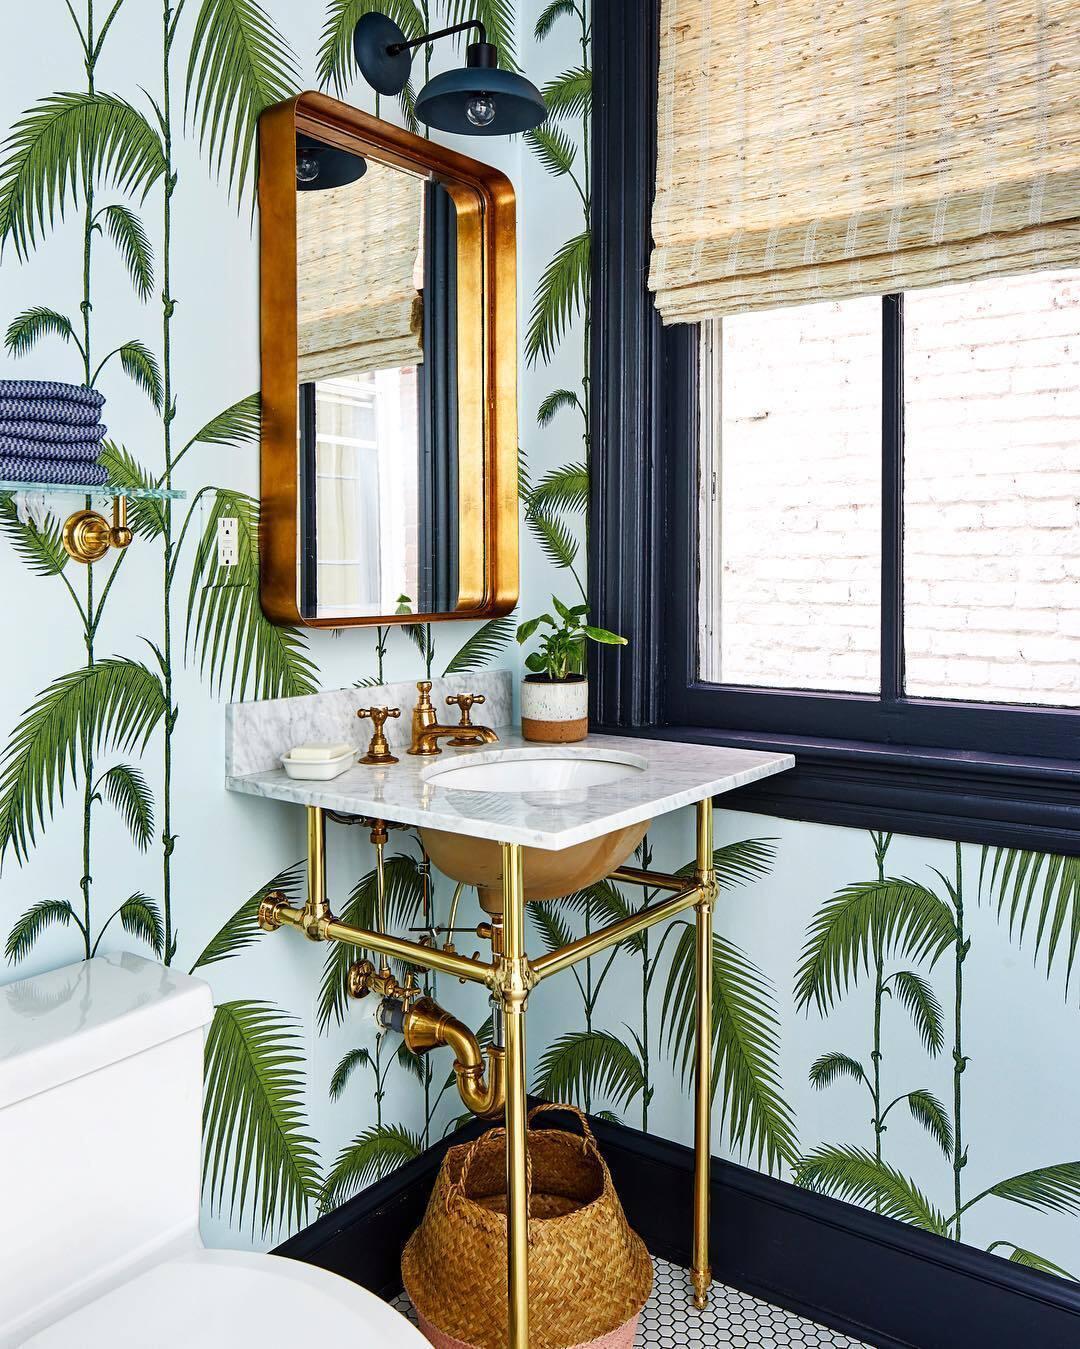 tendências de decoração de interiores (7)